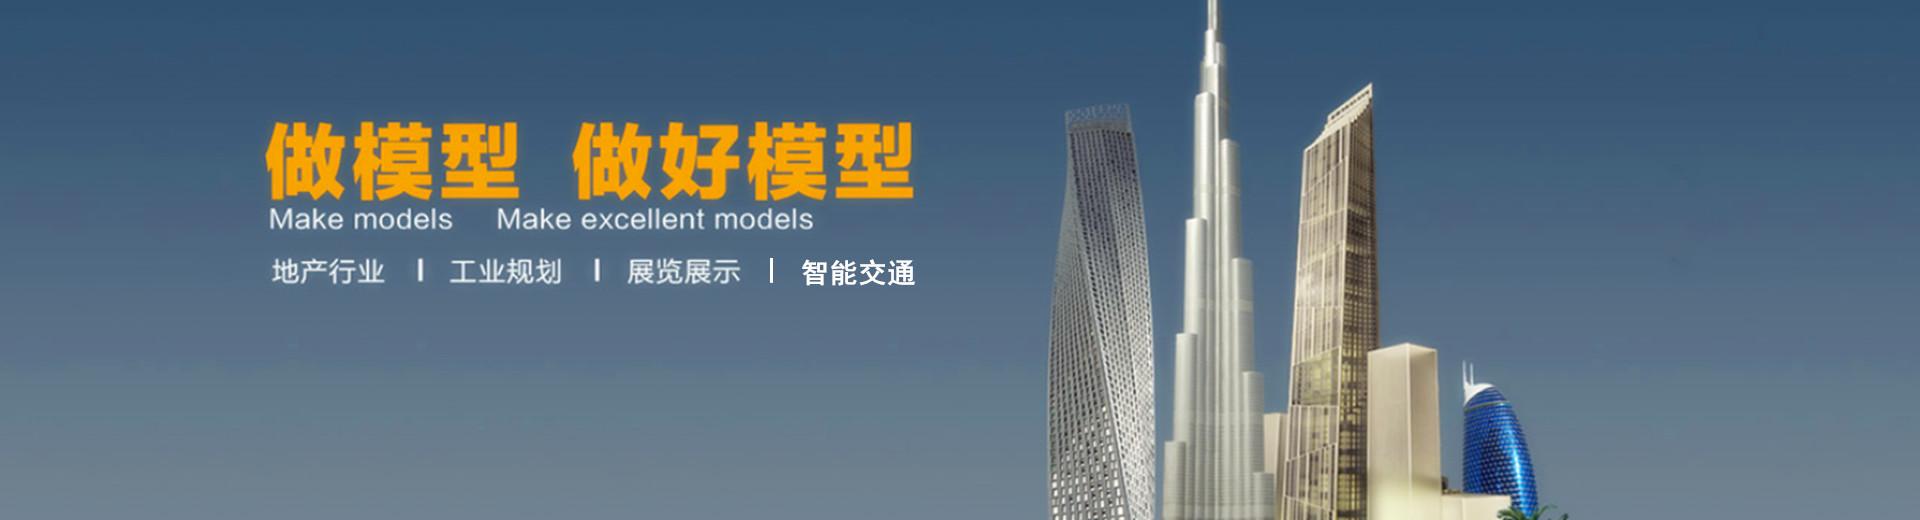 南京模型公司